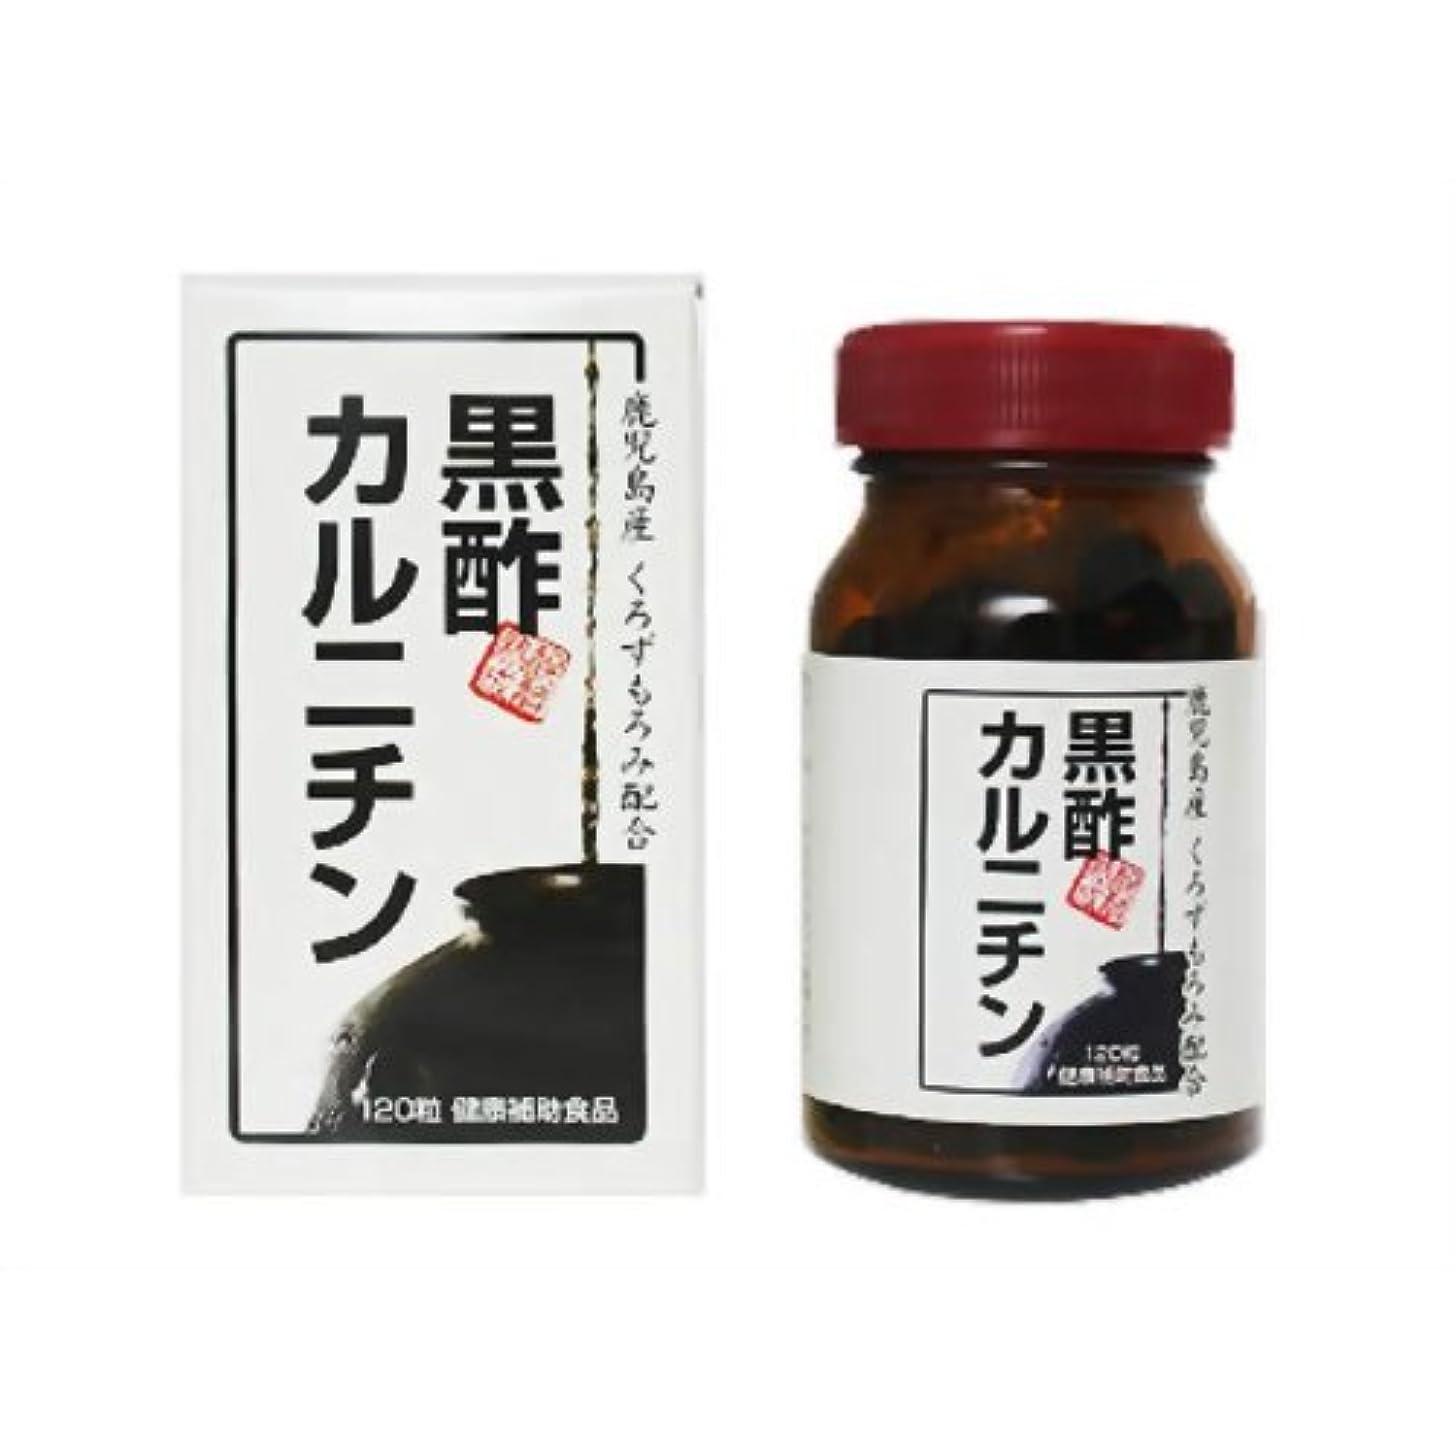 コア予知限りなく黒酢カルニチン 120粒